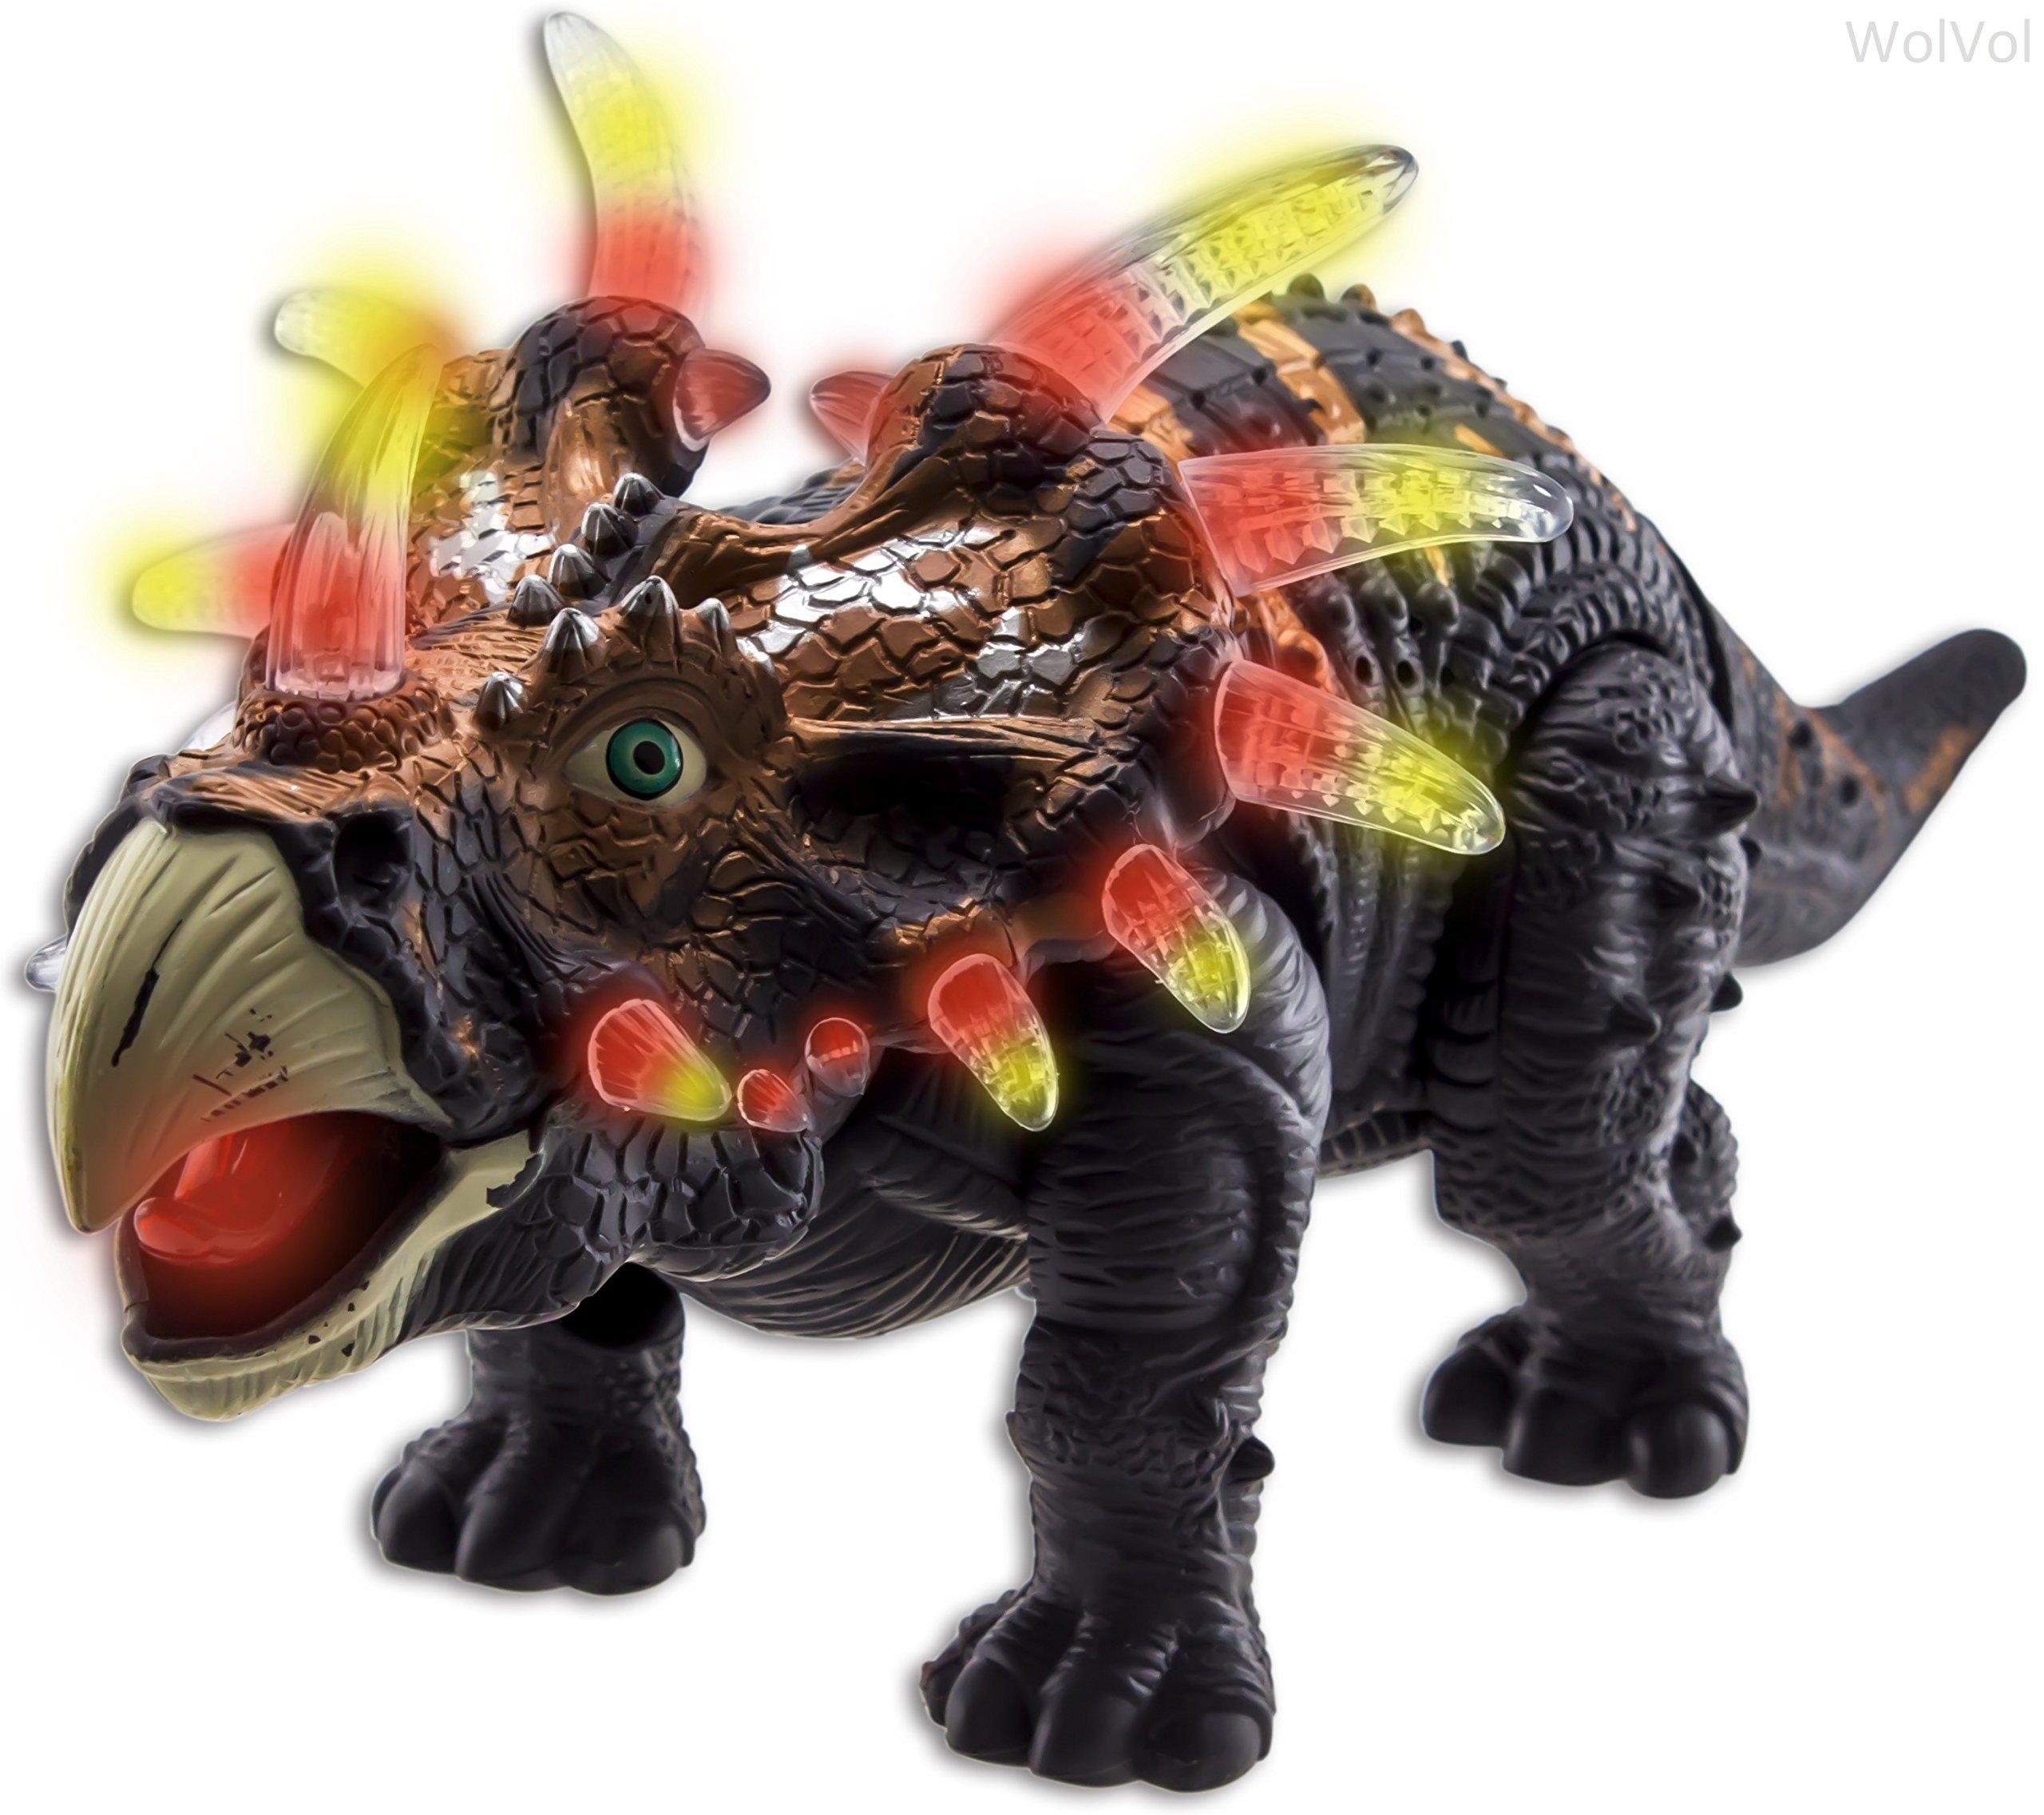 Buy Walking Triceratops Dinosaur Now!